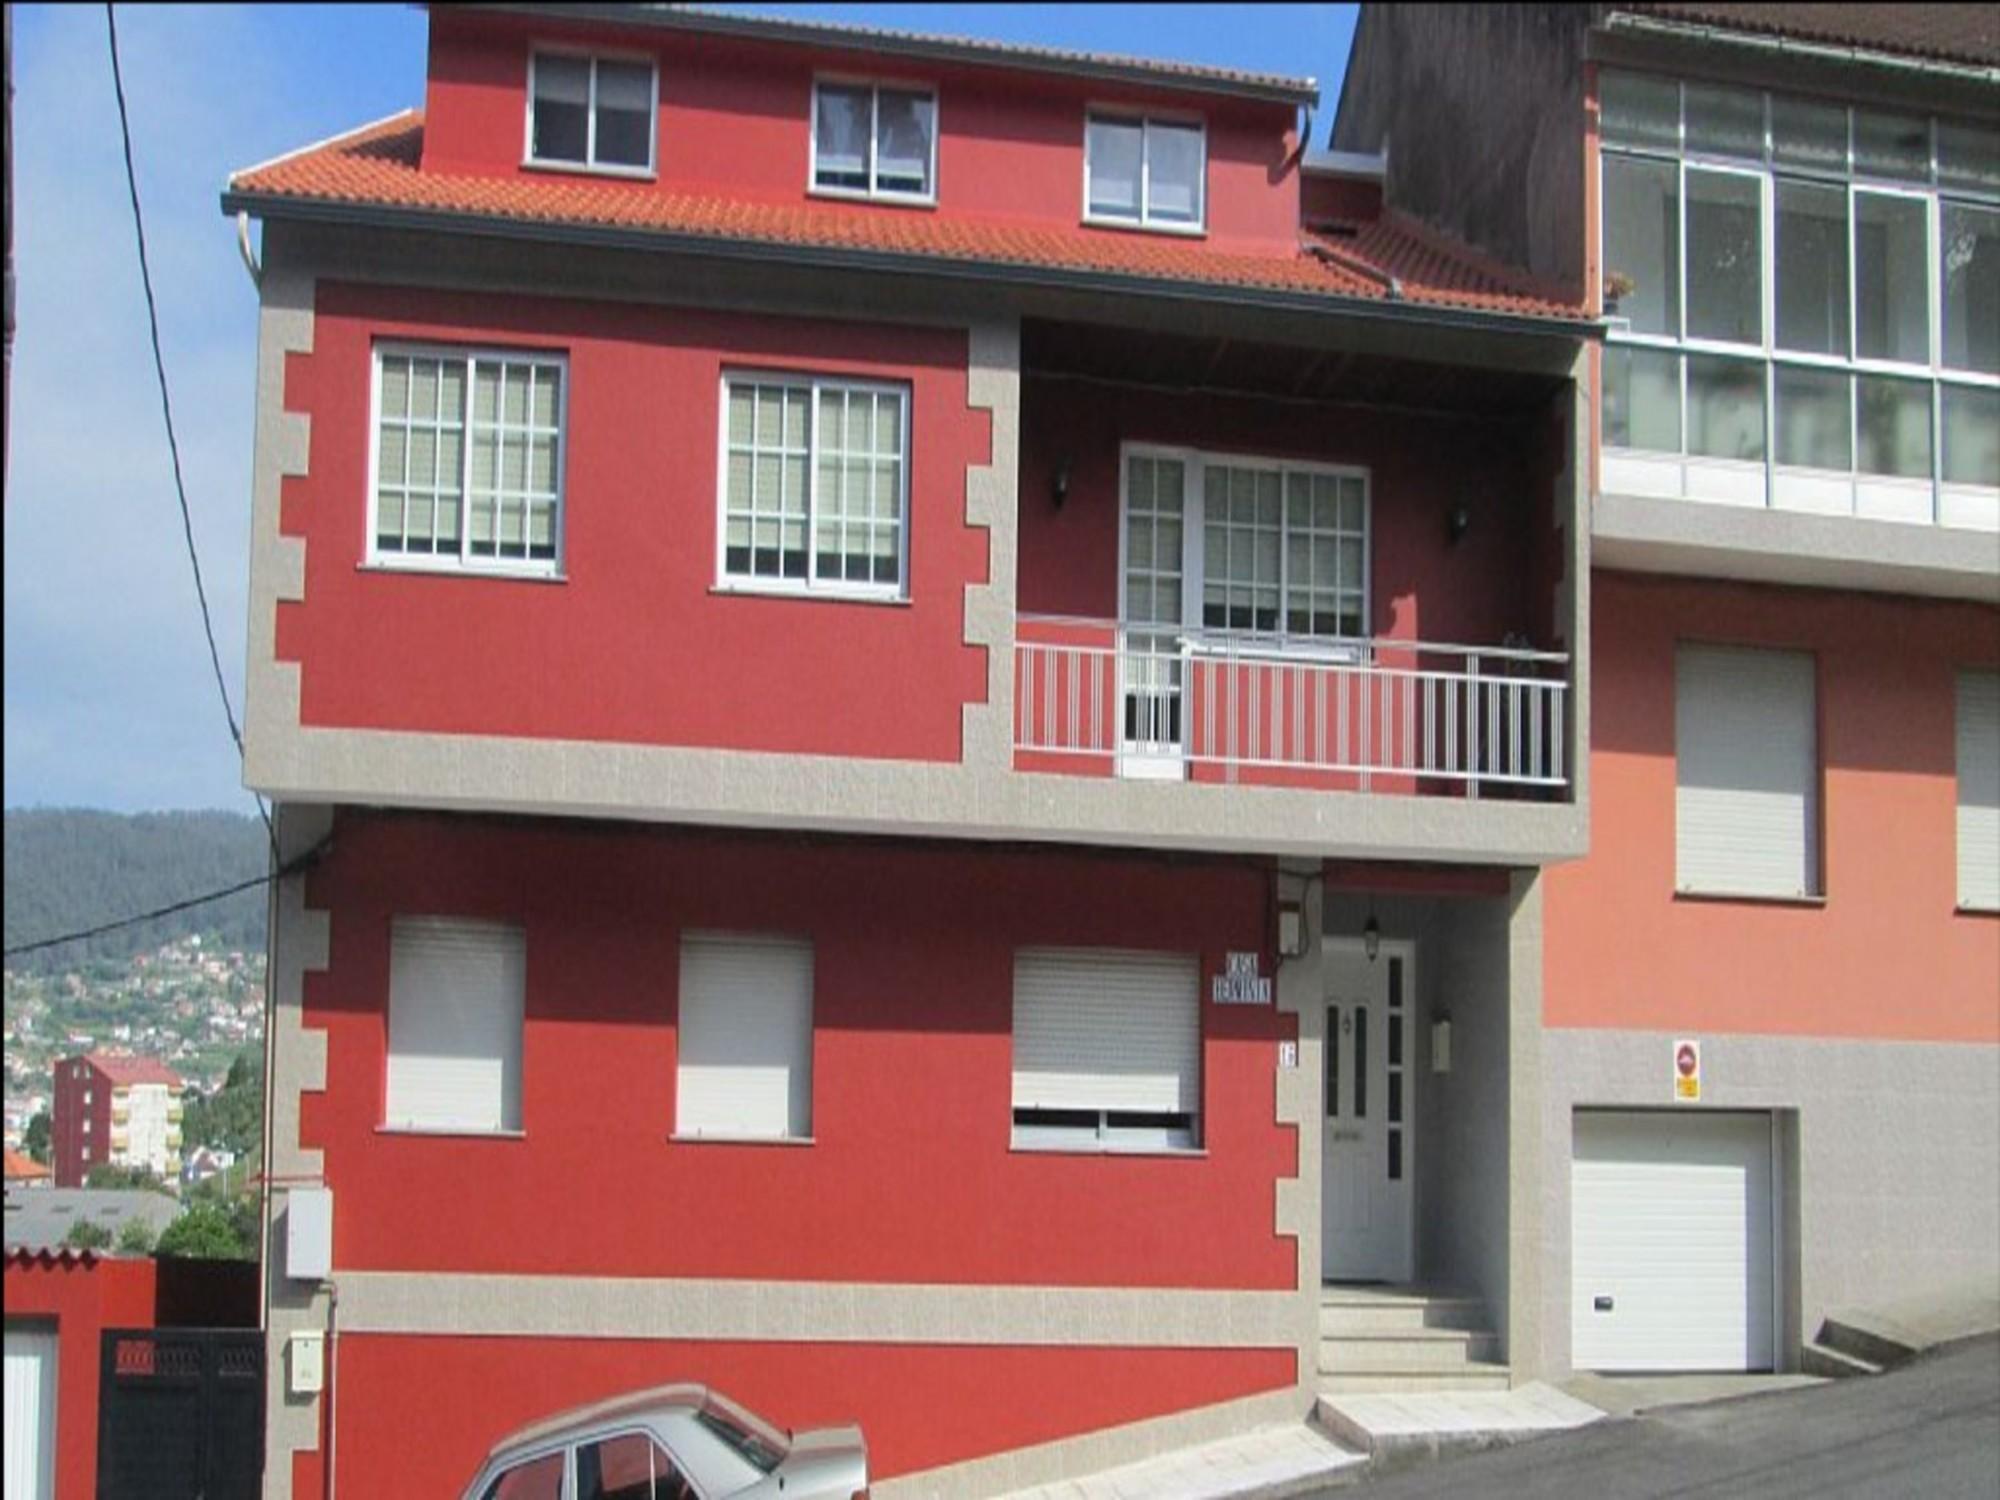 Ferienwohnung Apartment - 3 Bedrooms with WiFi - 100424 (1937594), Bueu, Rias Bajas, Galicien, Spanien, Bild 12